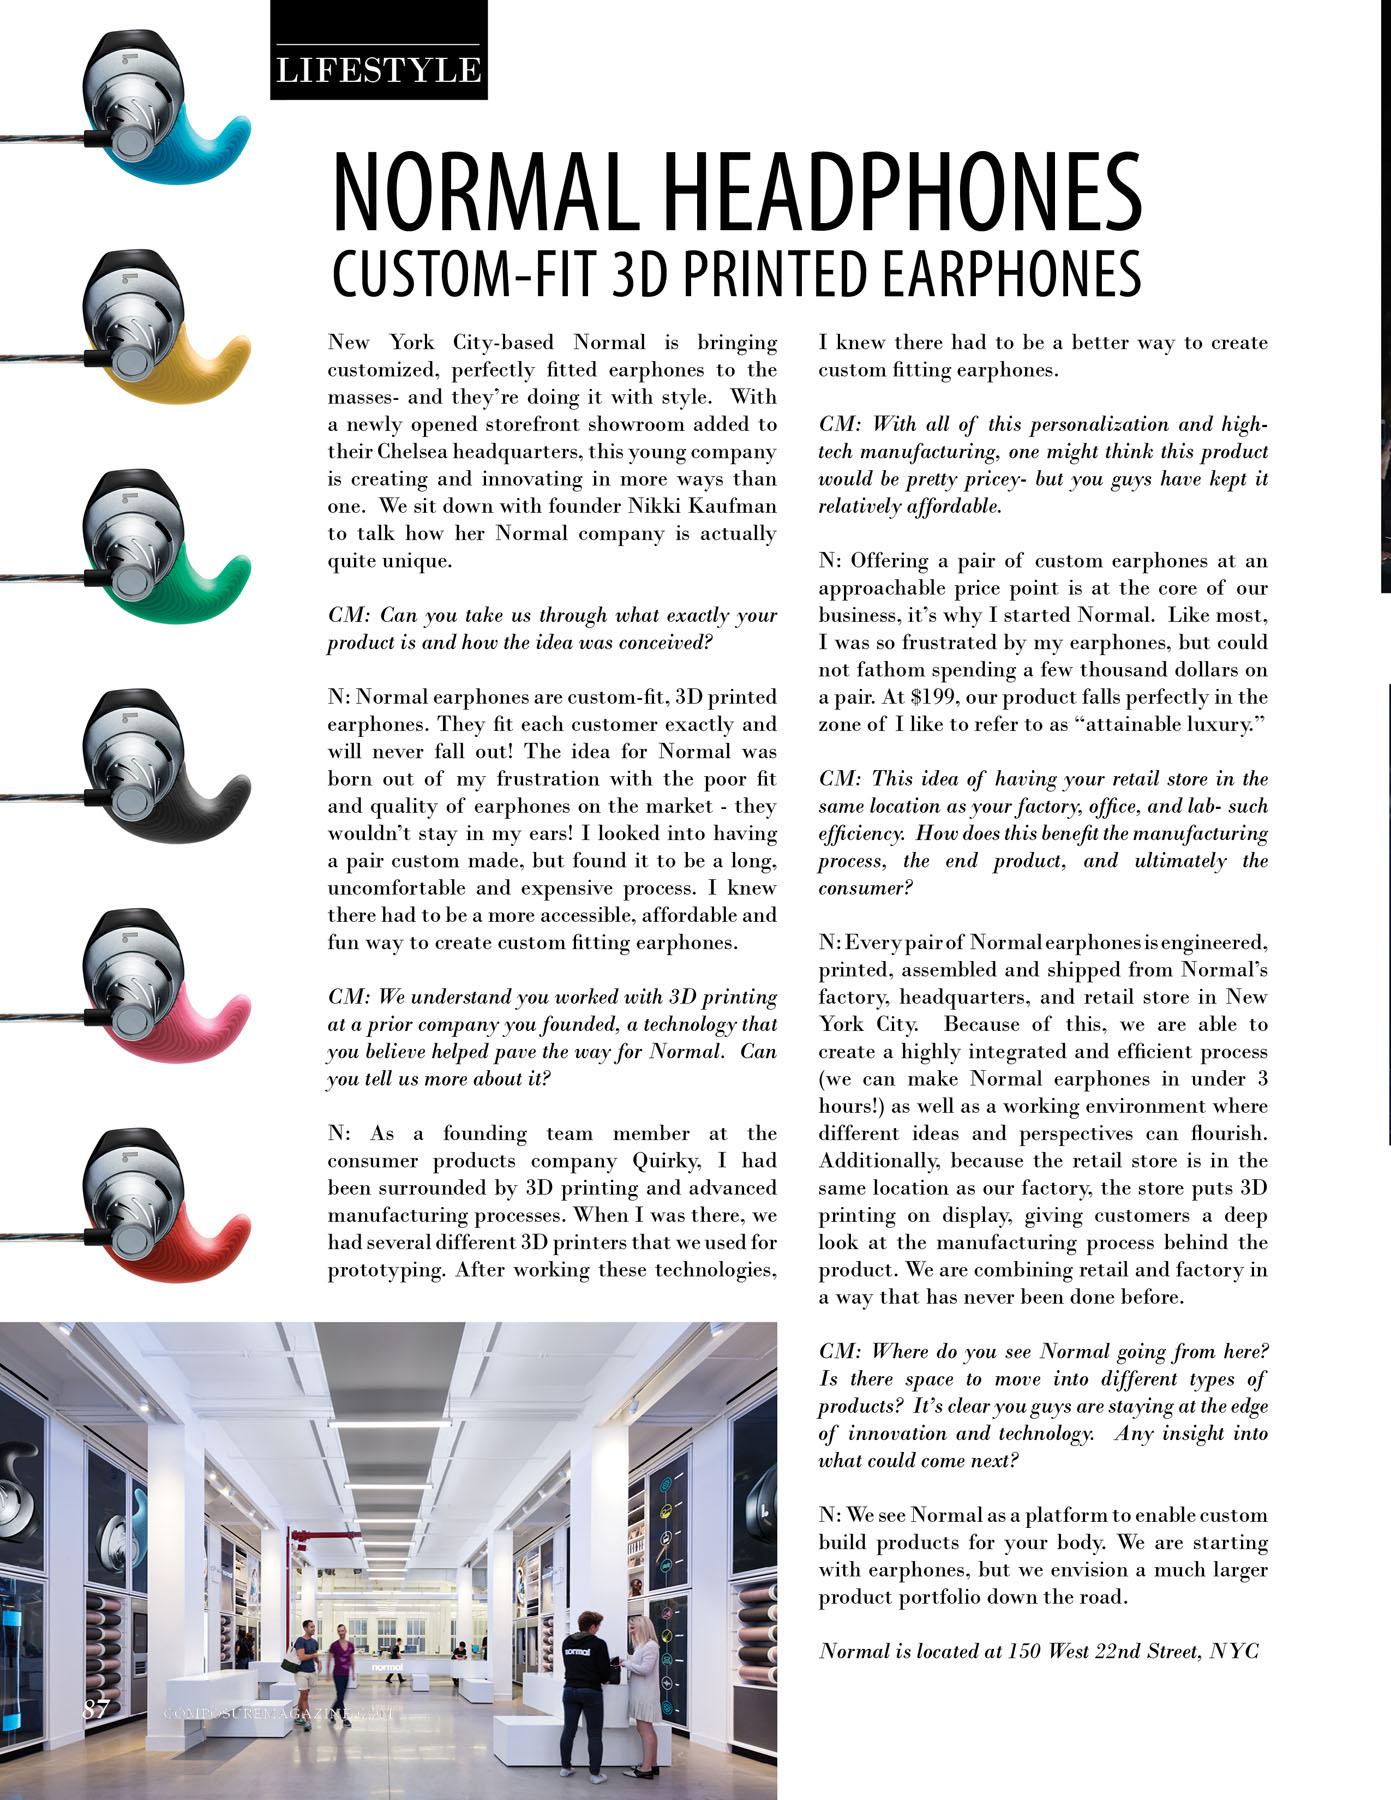 Normal Headphone's custom-fit 3D printed earphones.